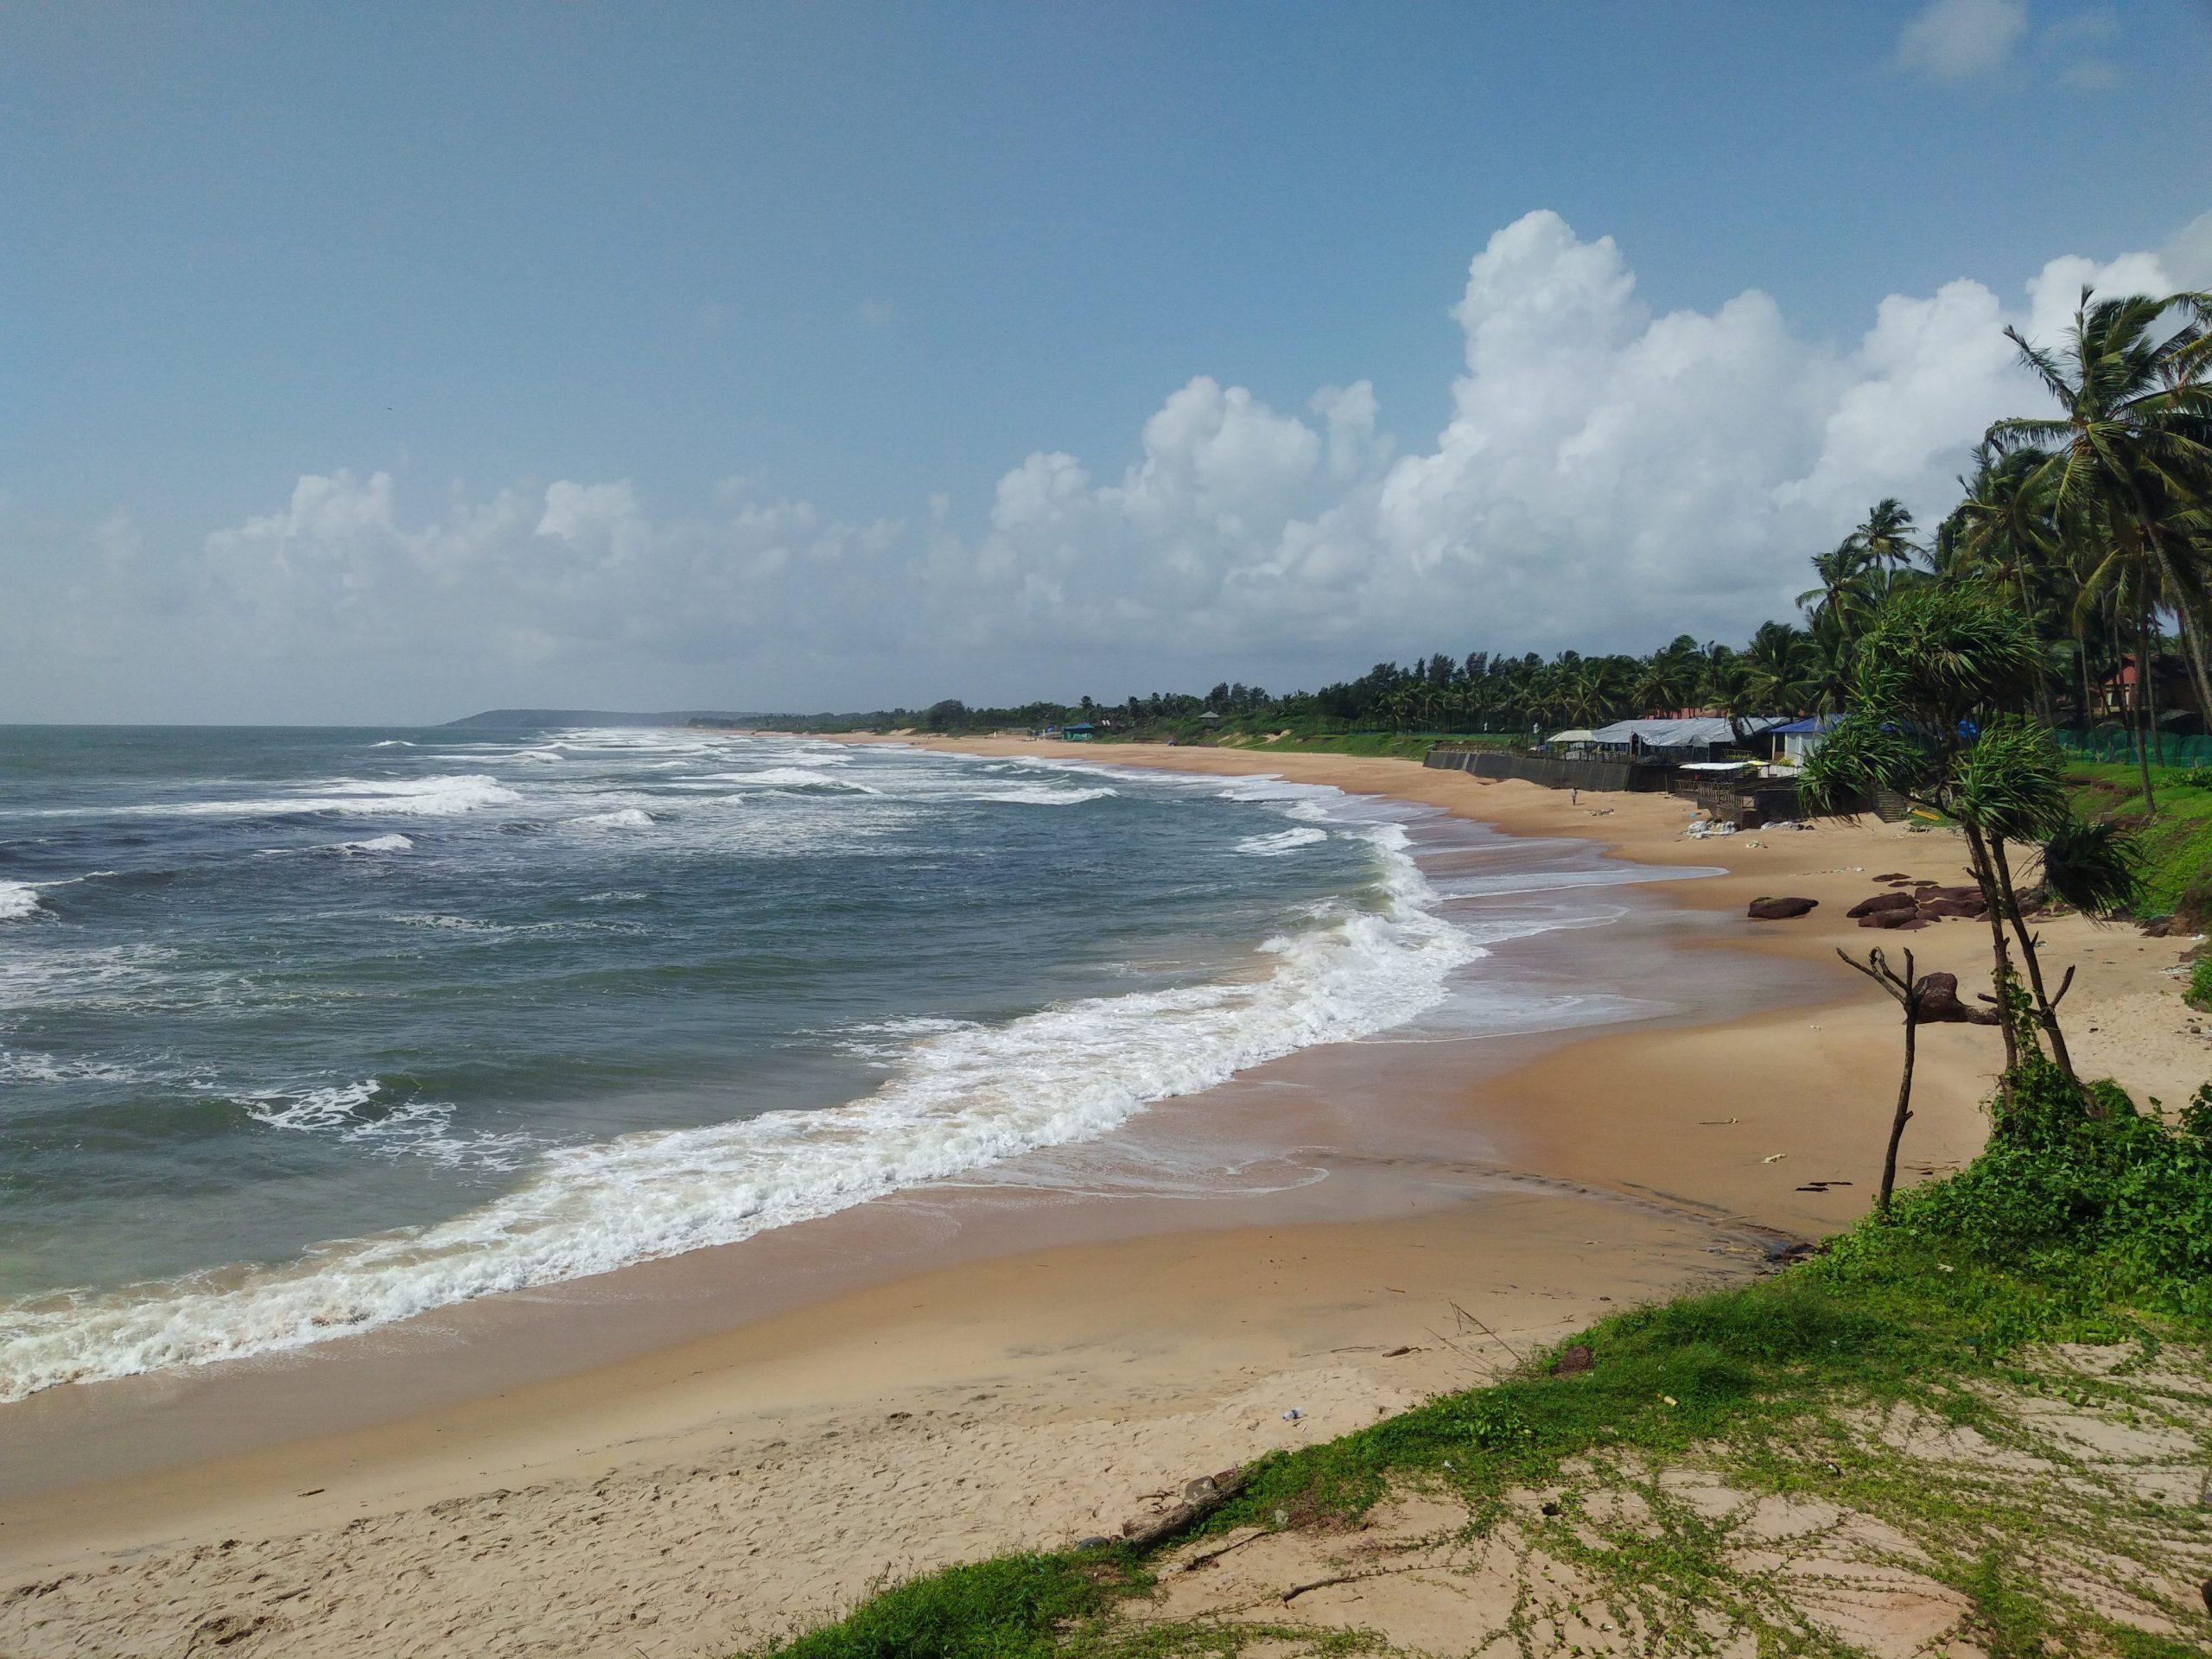 Sinquerim Beach - Best Beache in North Goa